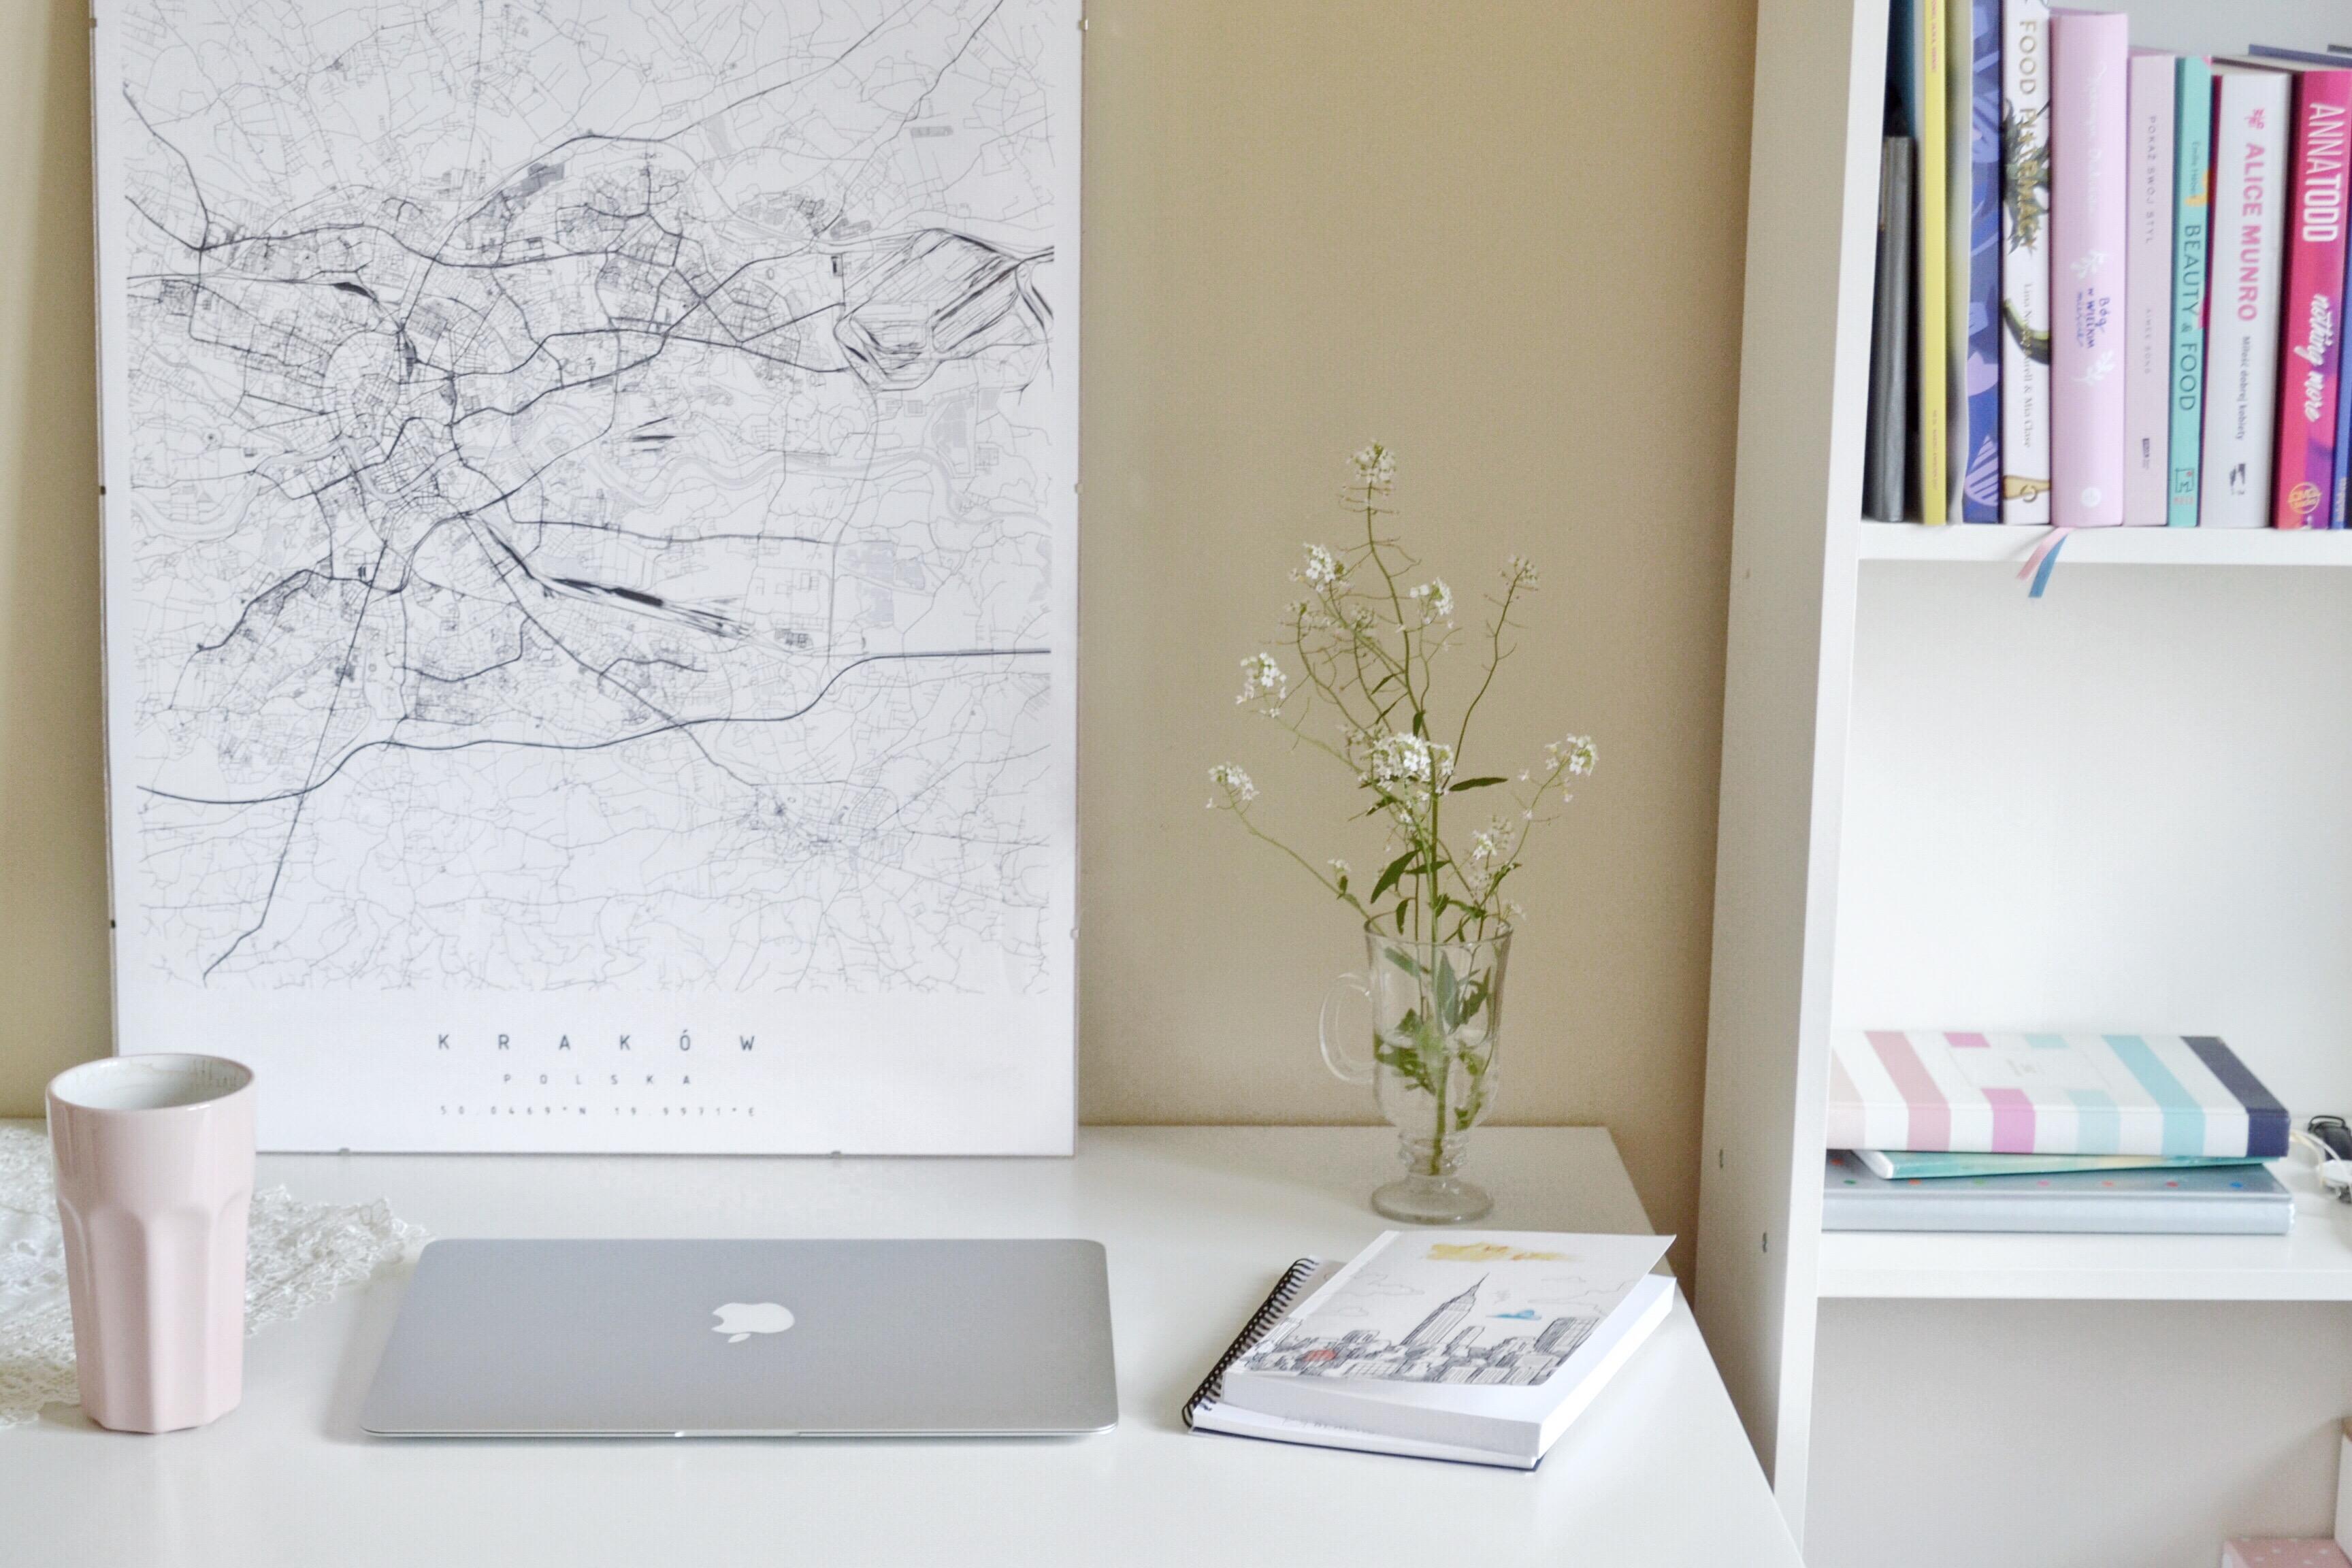 Co dalej z blogiem? Czy agencje kreatywne mogą pomóc blogerowi?